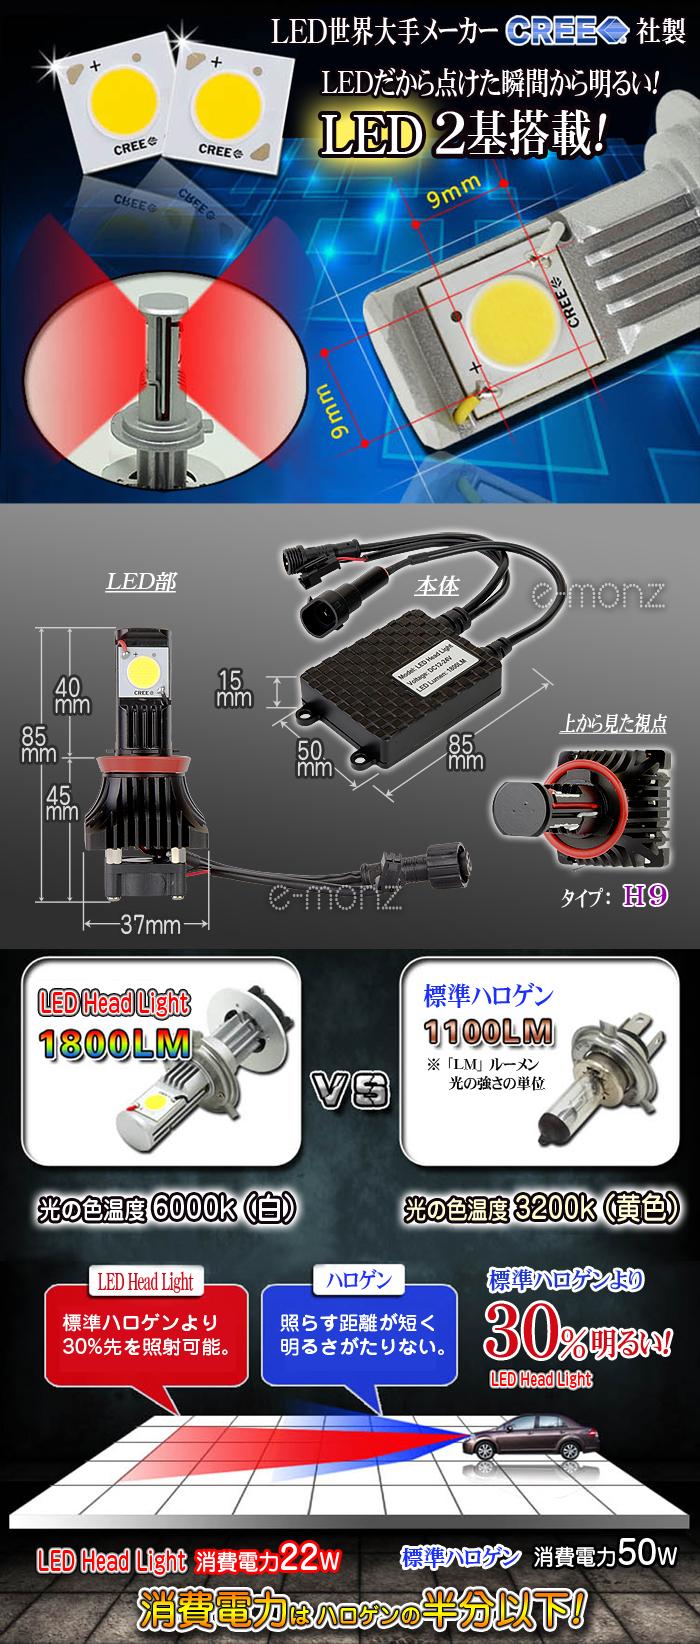 LEDヘッドライト用バルブH9タイプ CREE製チップなので安心